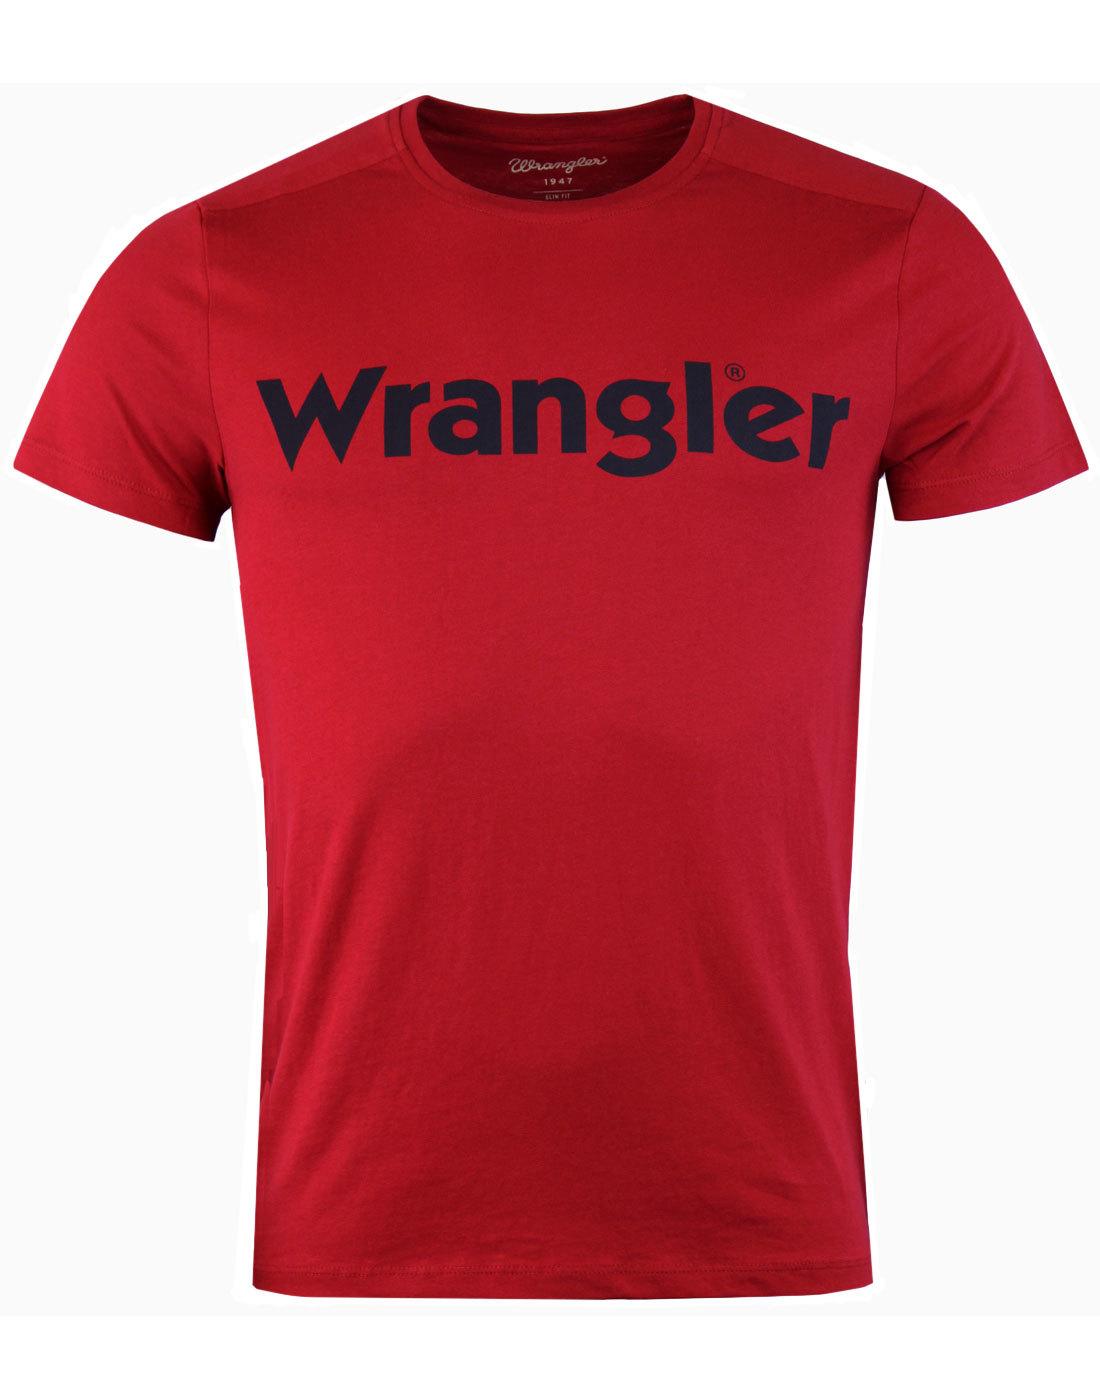 WRANGLER Retro 70s Classic Logo Crew T-Shirt RED